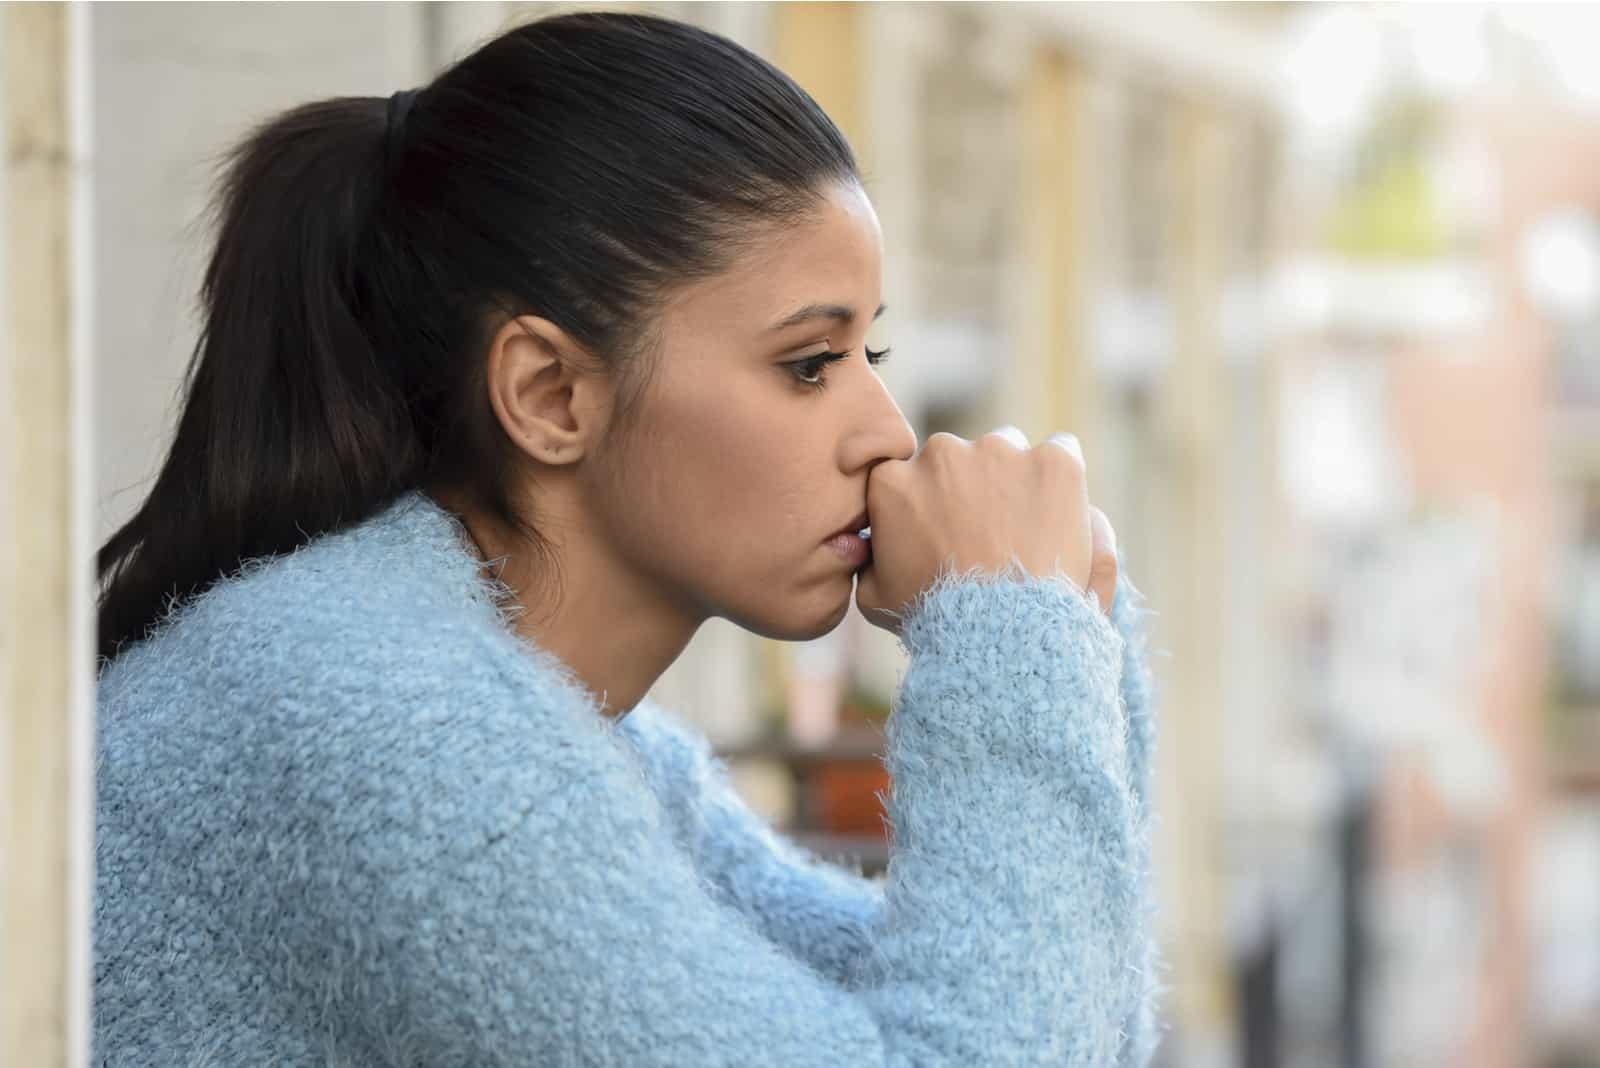 Frau leidet an Depressionen, die nachdenklich und frustriert aussehen